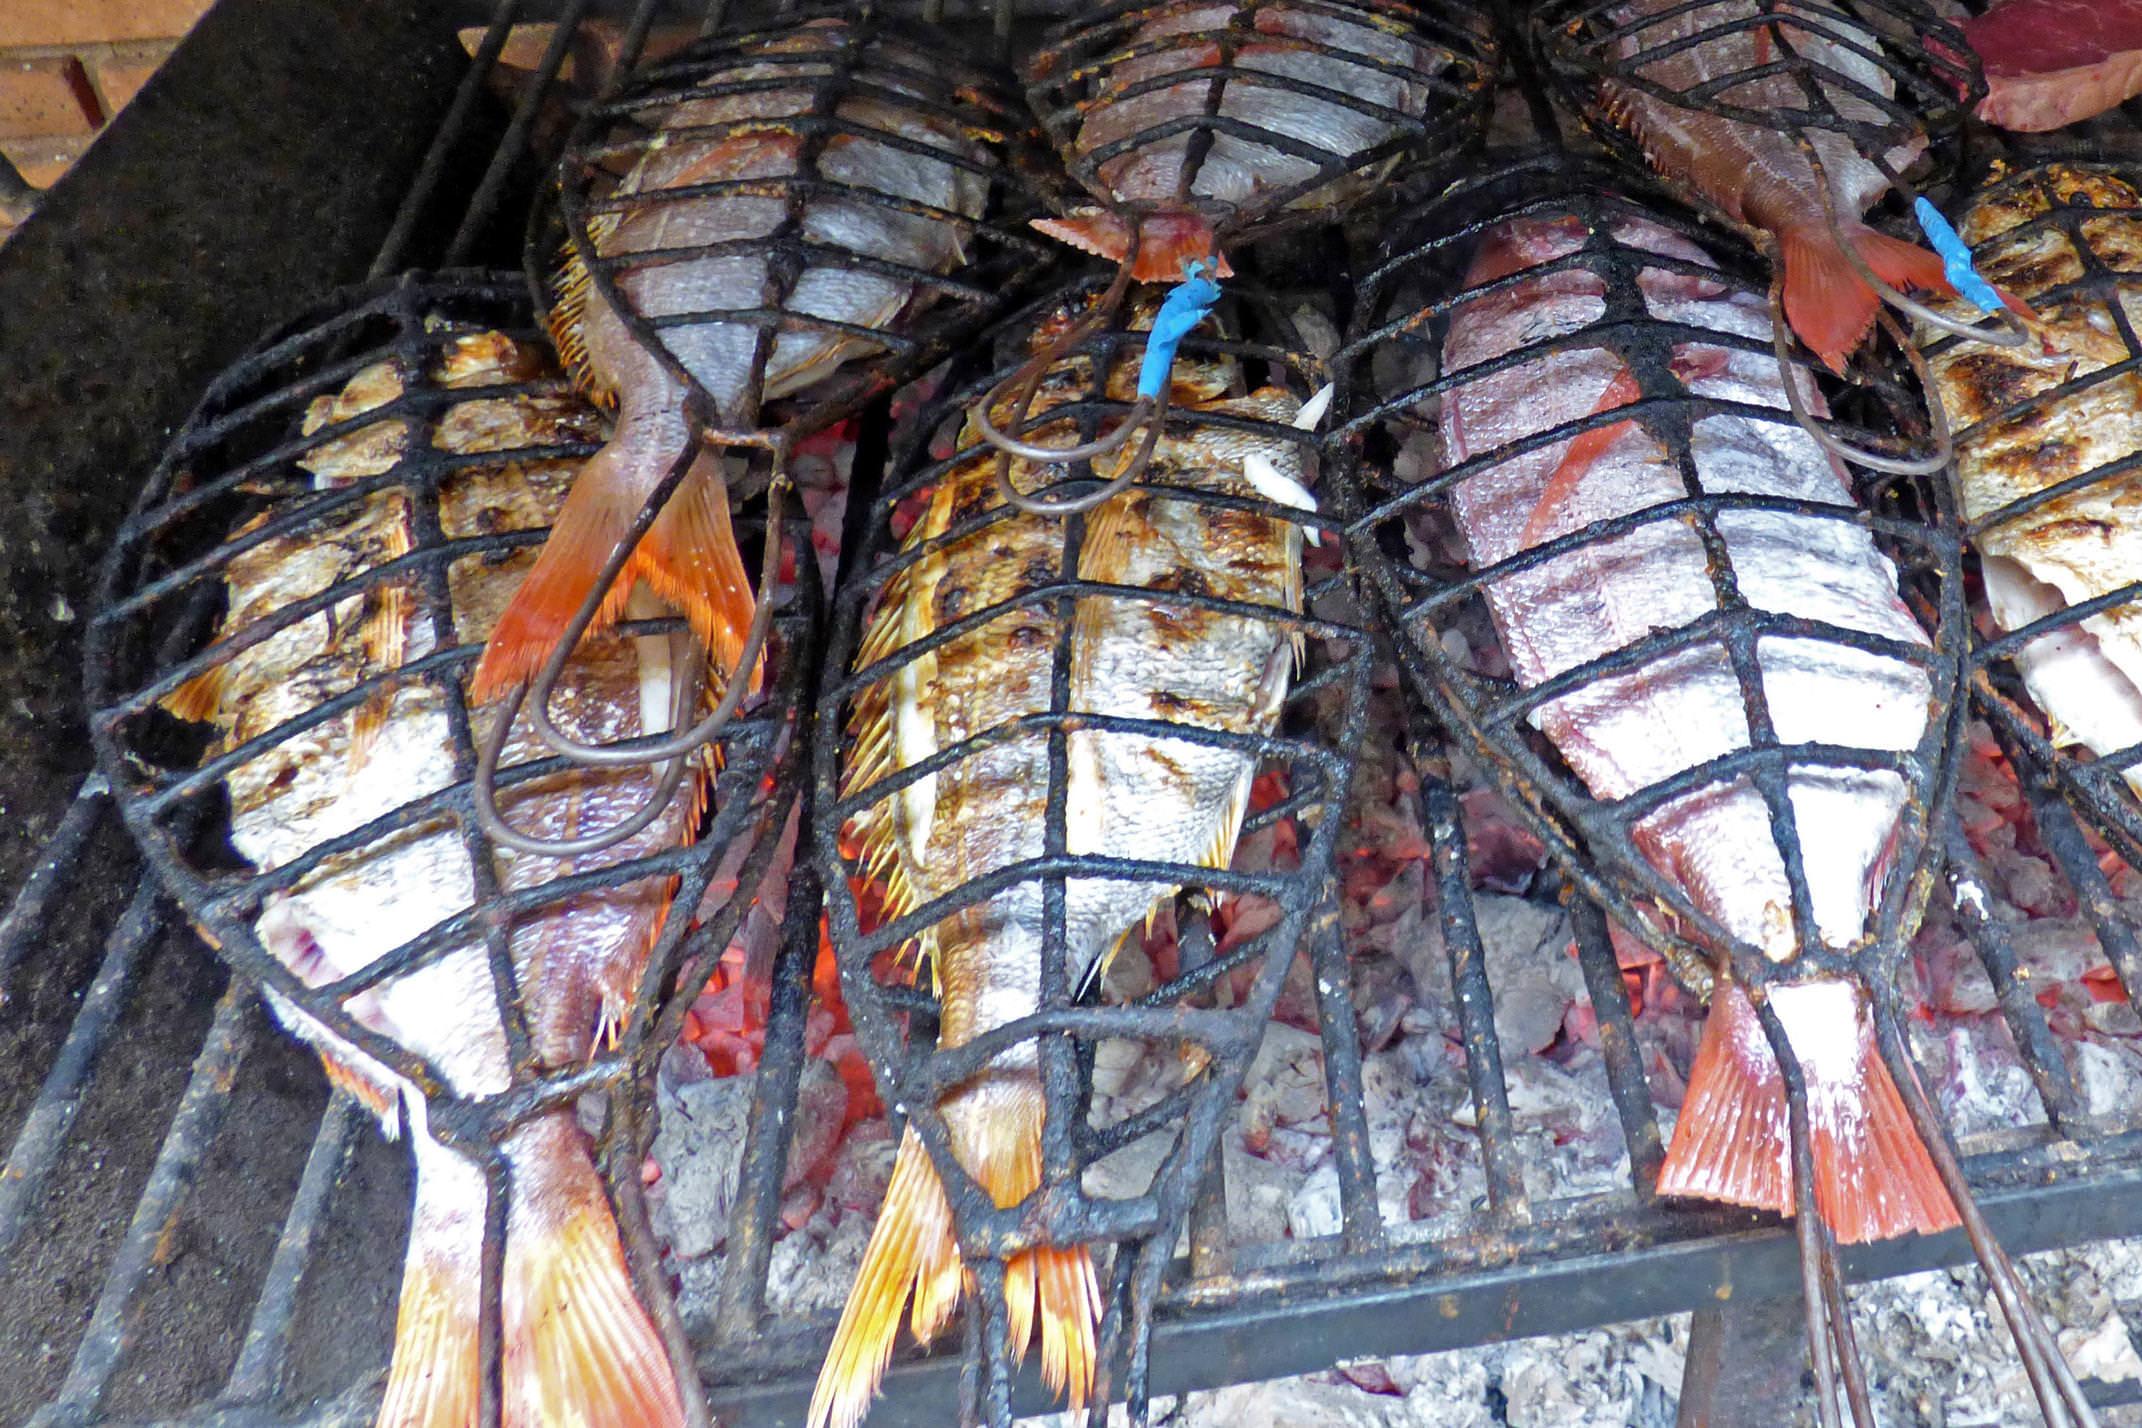 Spain basque country inn to inn getaria grilled fish